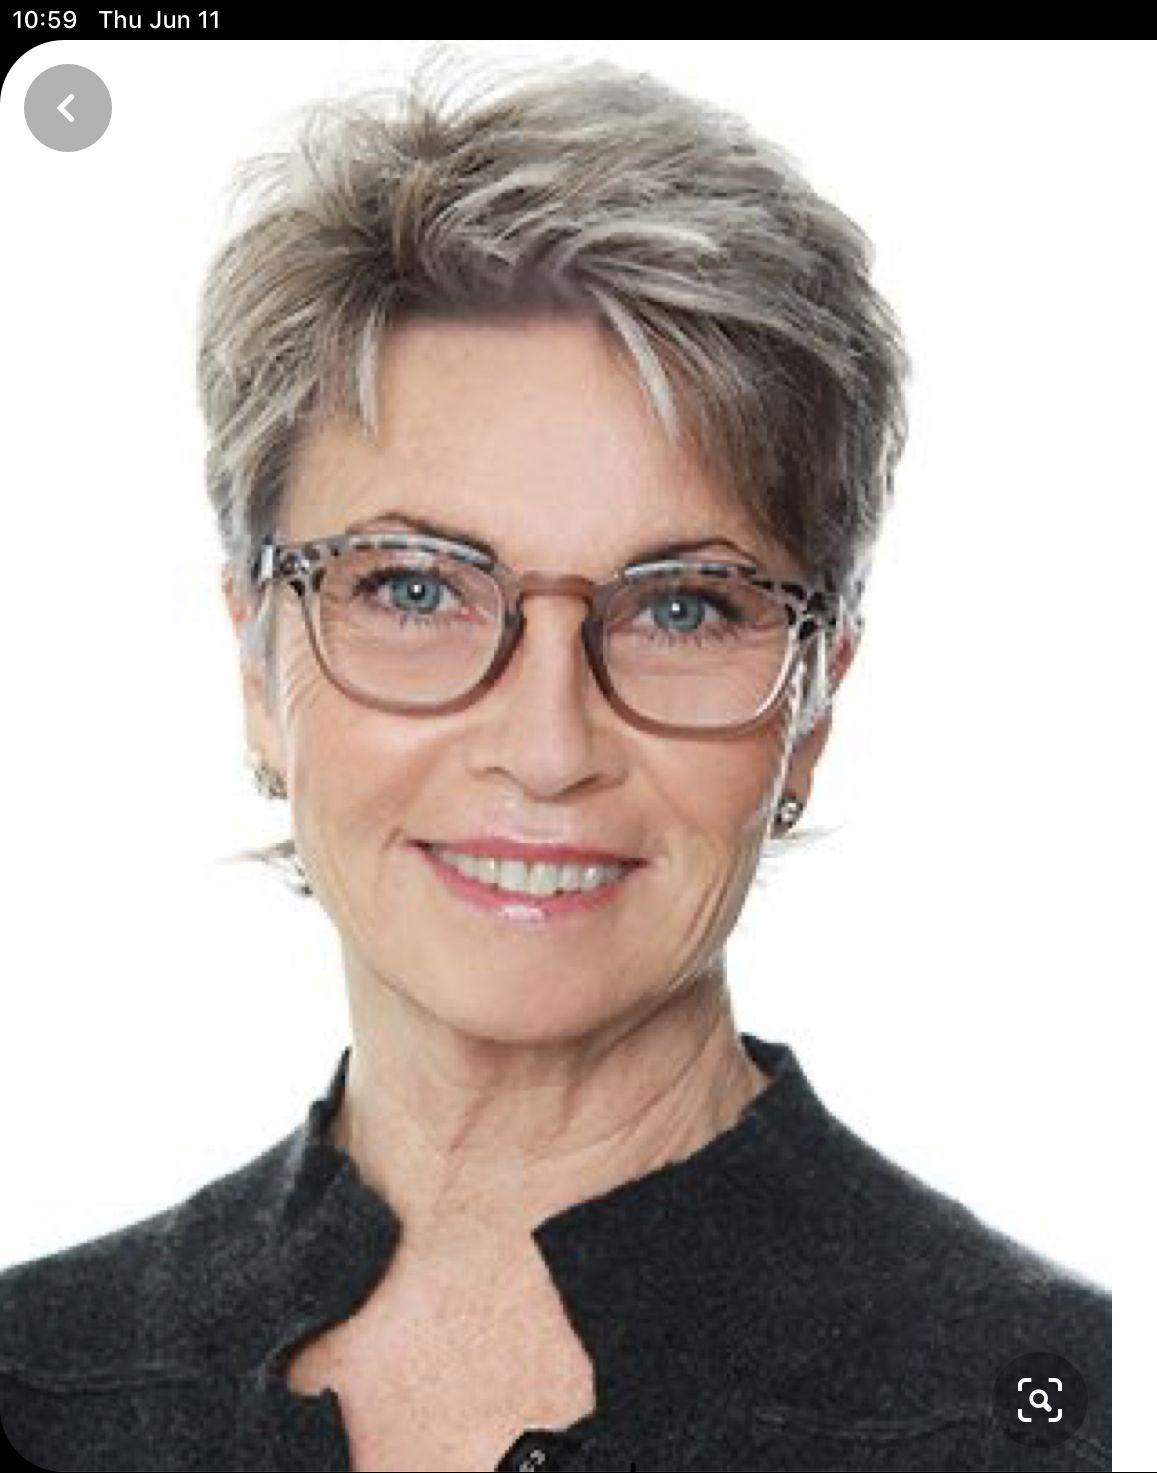 Pin Van Kelly Ferreira Op Kort Kapsel Dames Met Bril In 2020 Kort Kapsel Dames Met Bril Kapsels Voor Kort Haar Korte Kapsels Fijn Haar